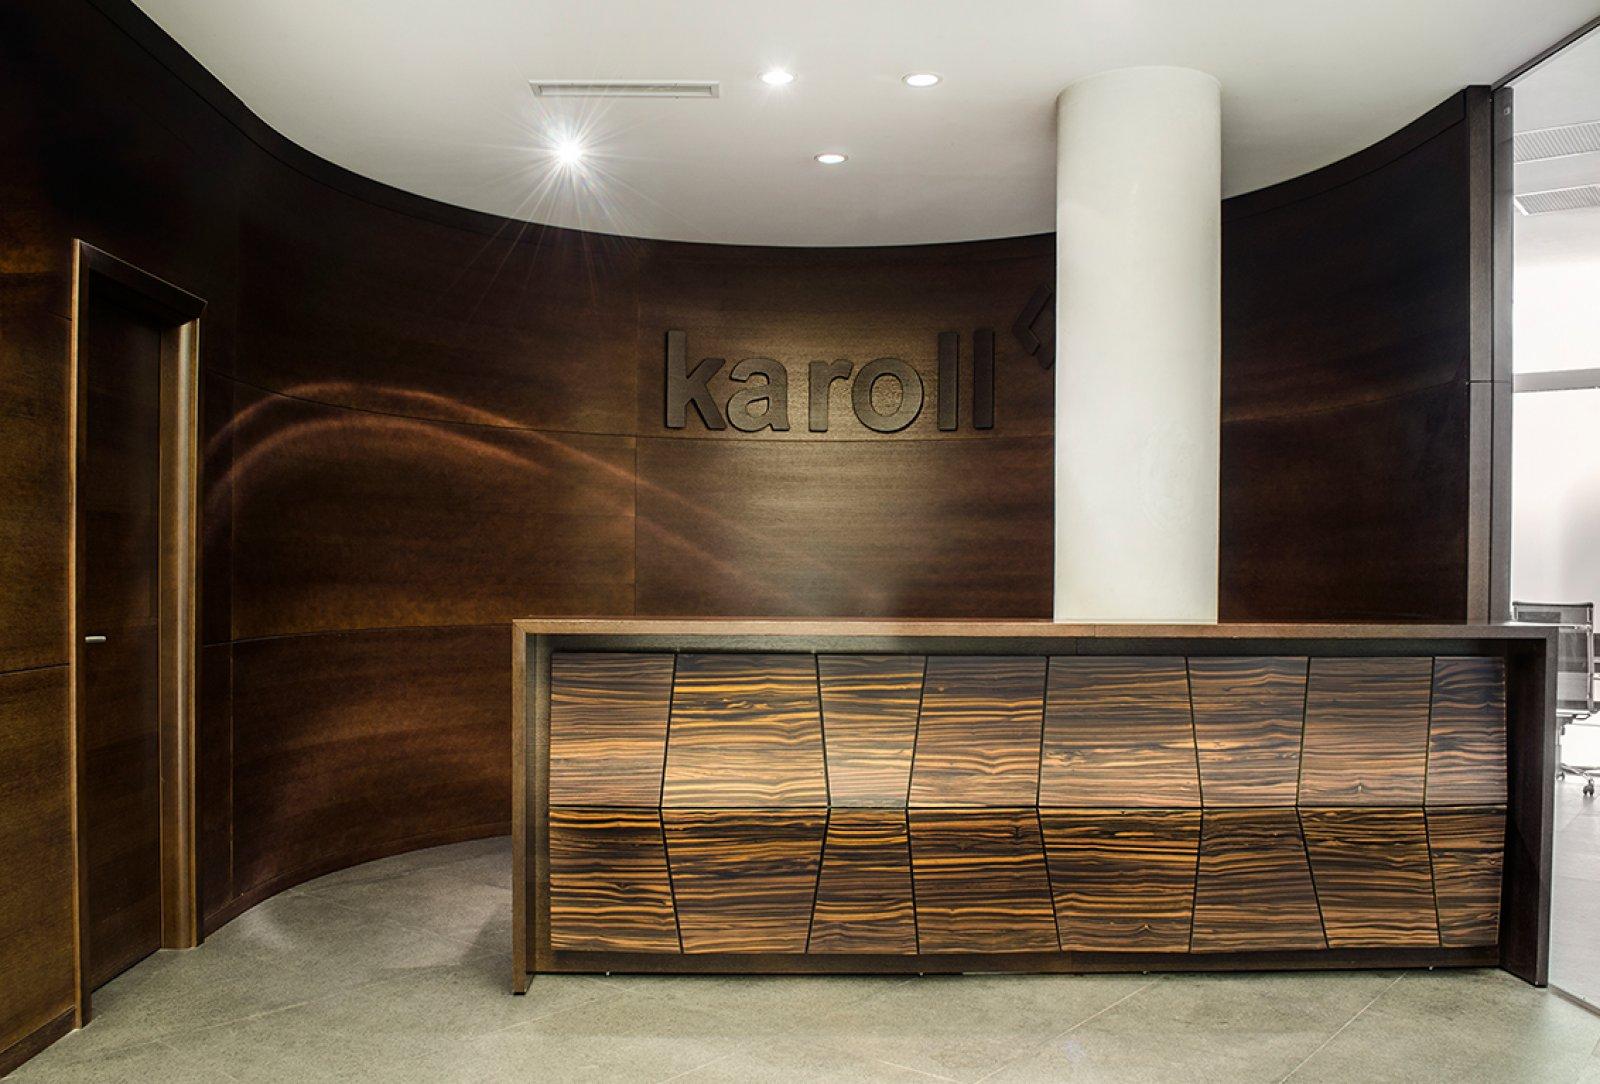 Karoll1